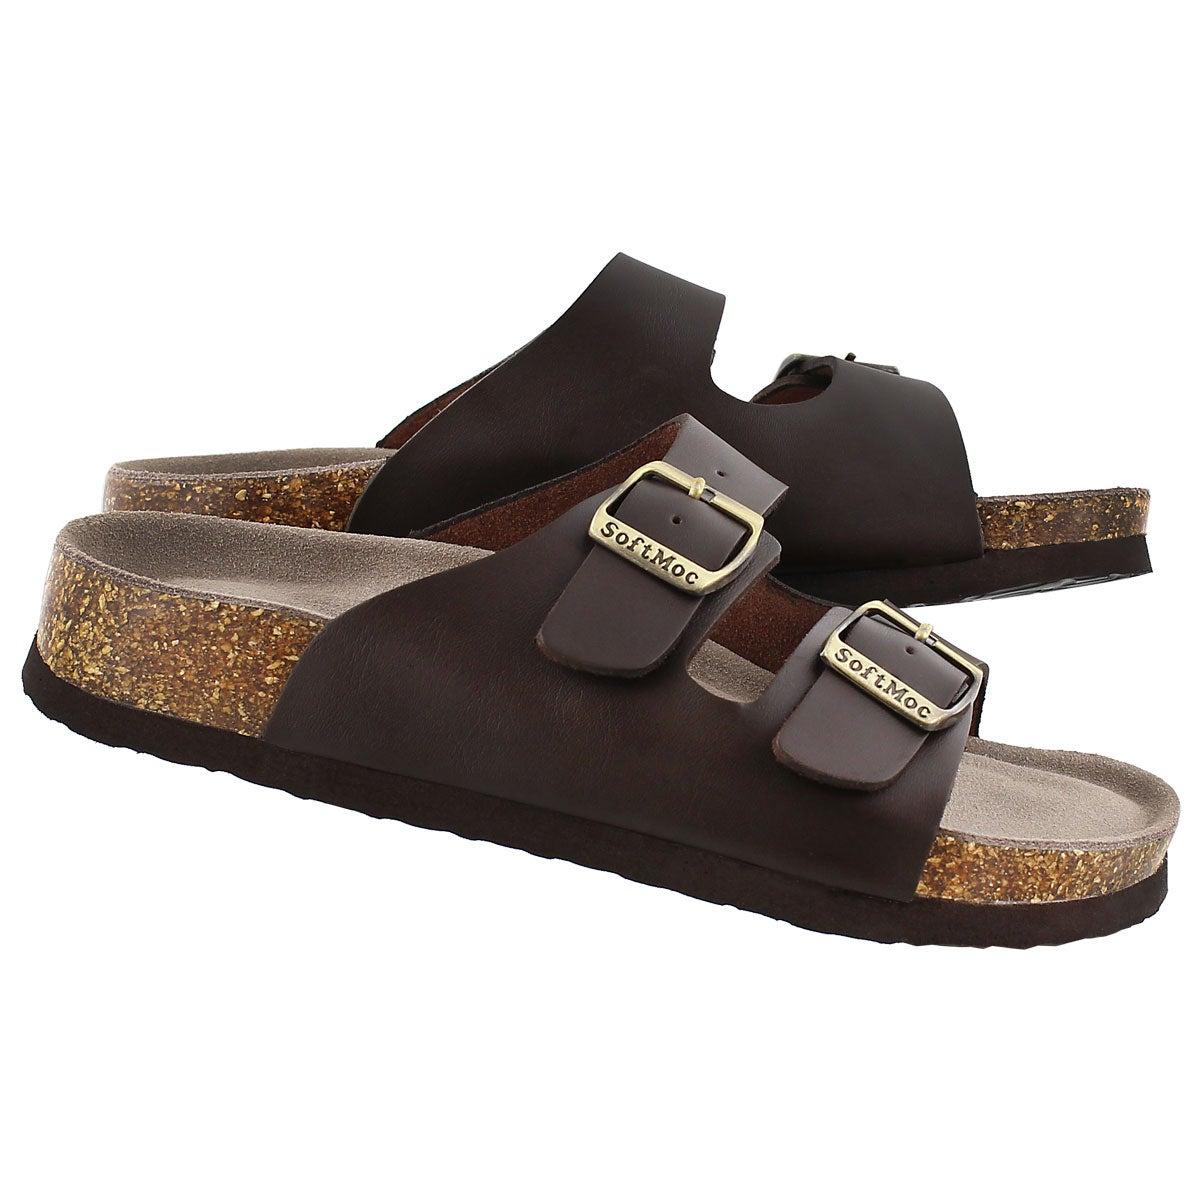 Sandale mousse visc ANNA 3, brun, fem